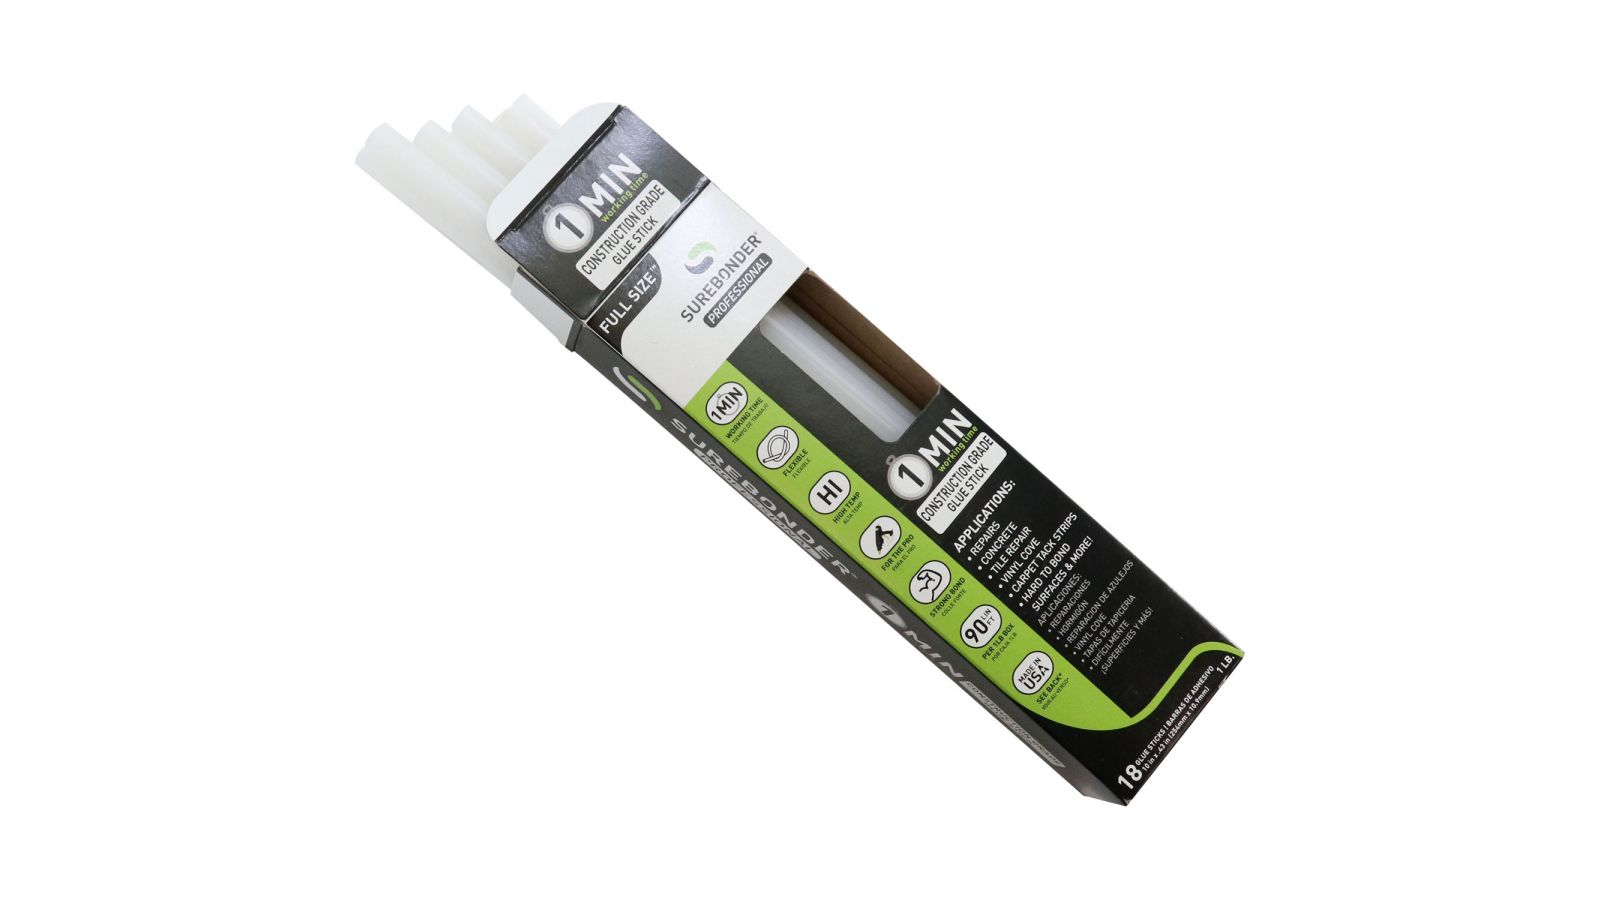 1 Minute Construction Grade Hot Glue Sticks